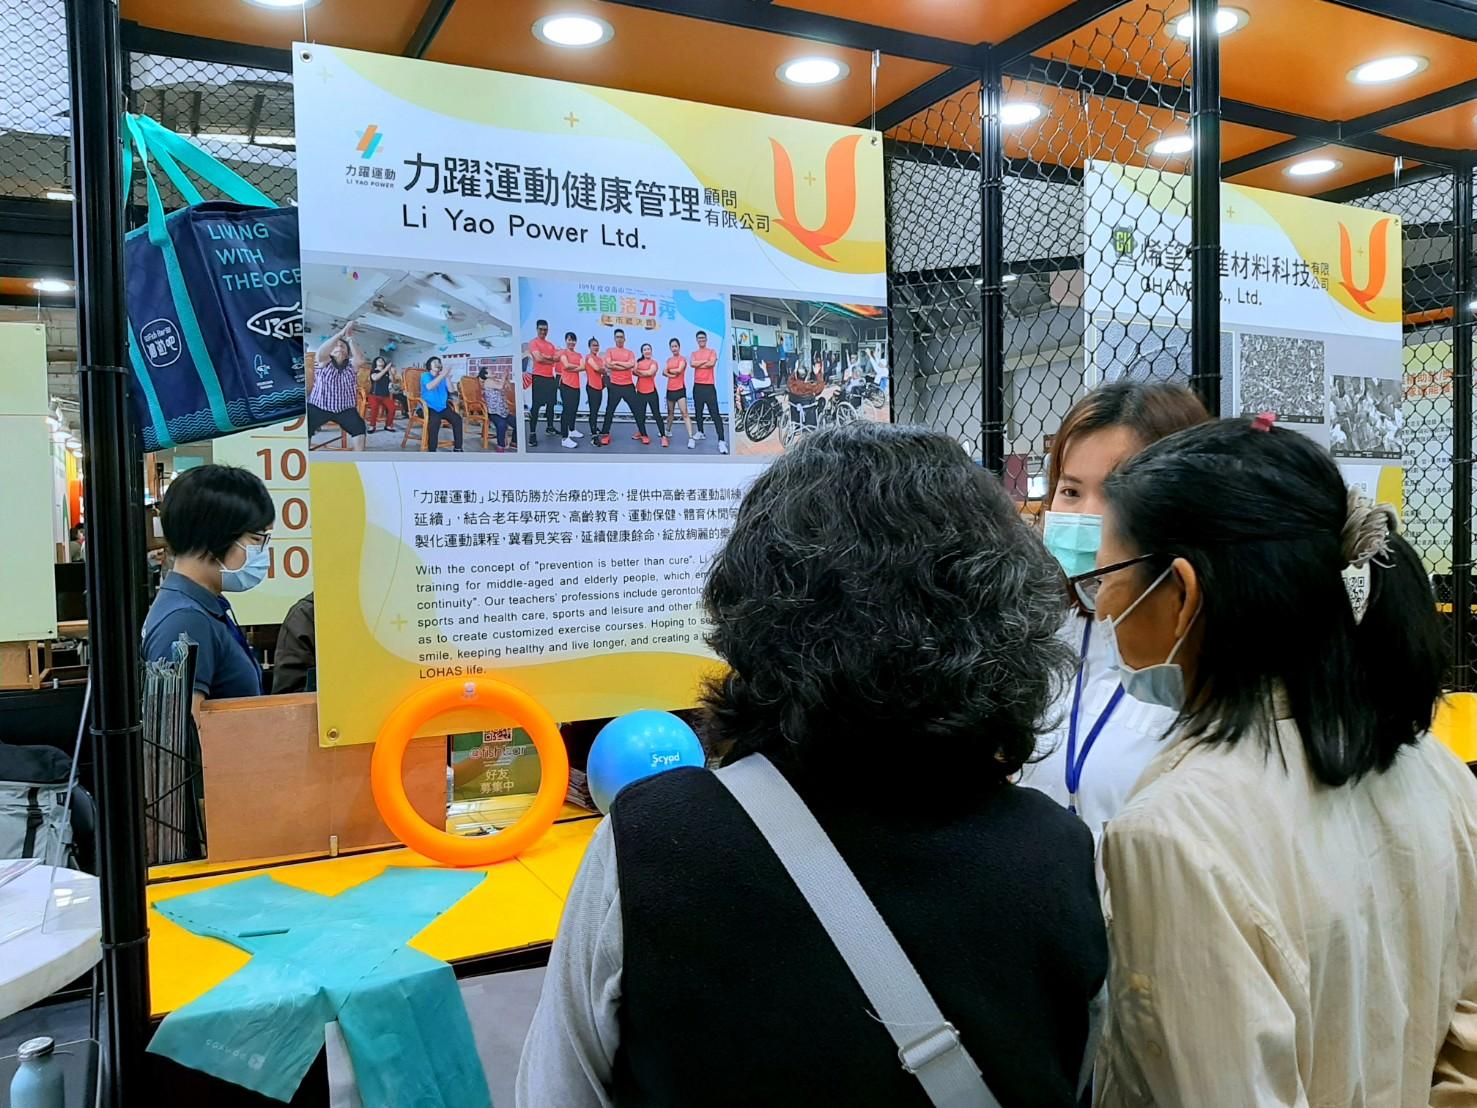 力躍運動健康管理顧問有限公司團隊成員黃智琪向民眾介紹運動保健的觀念。攝影/汪祐寧